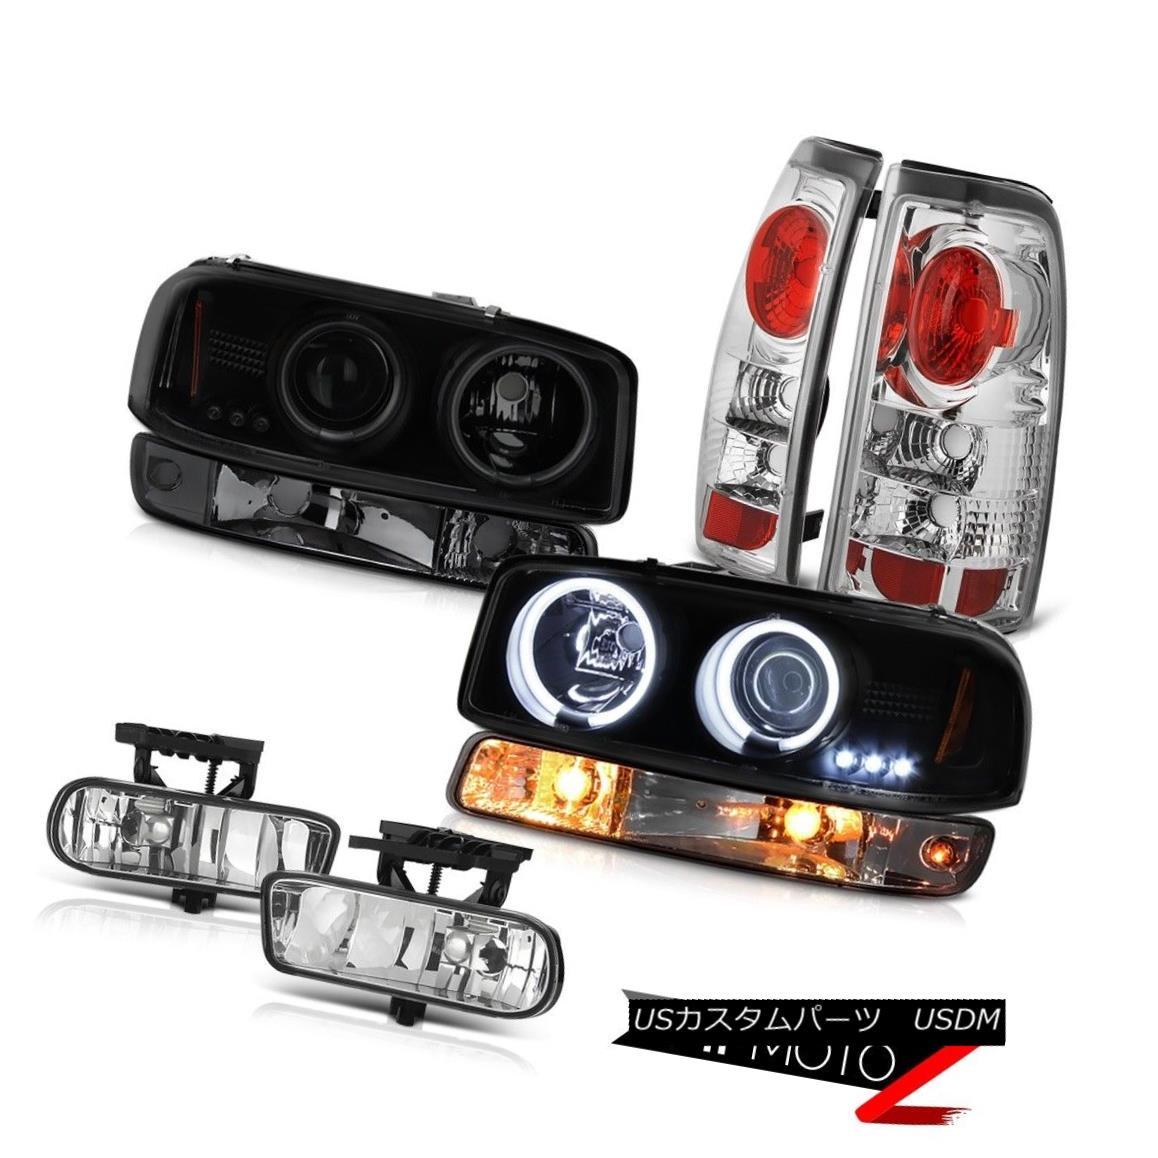 テールライト 1999-2002 Sierra 6.6L Fog lamps taillights smoked signal lamp ccfl headlights 1999-2002 Sierra 6.6L霧ランプテールライト煙信号ランプccflヘッドライト